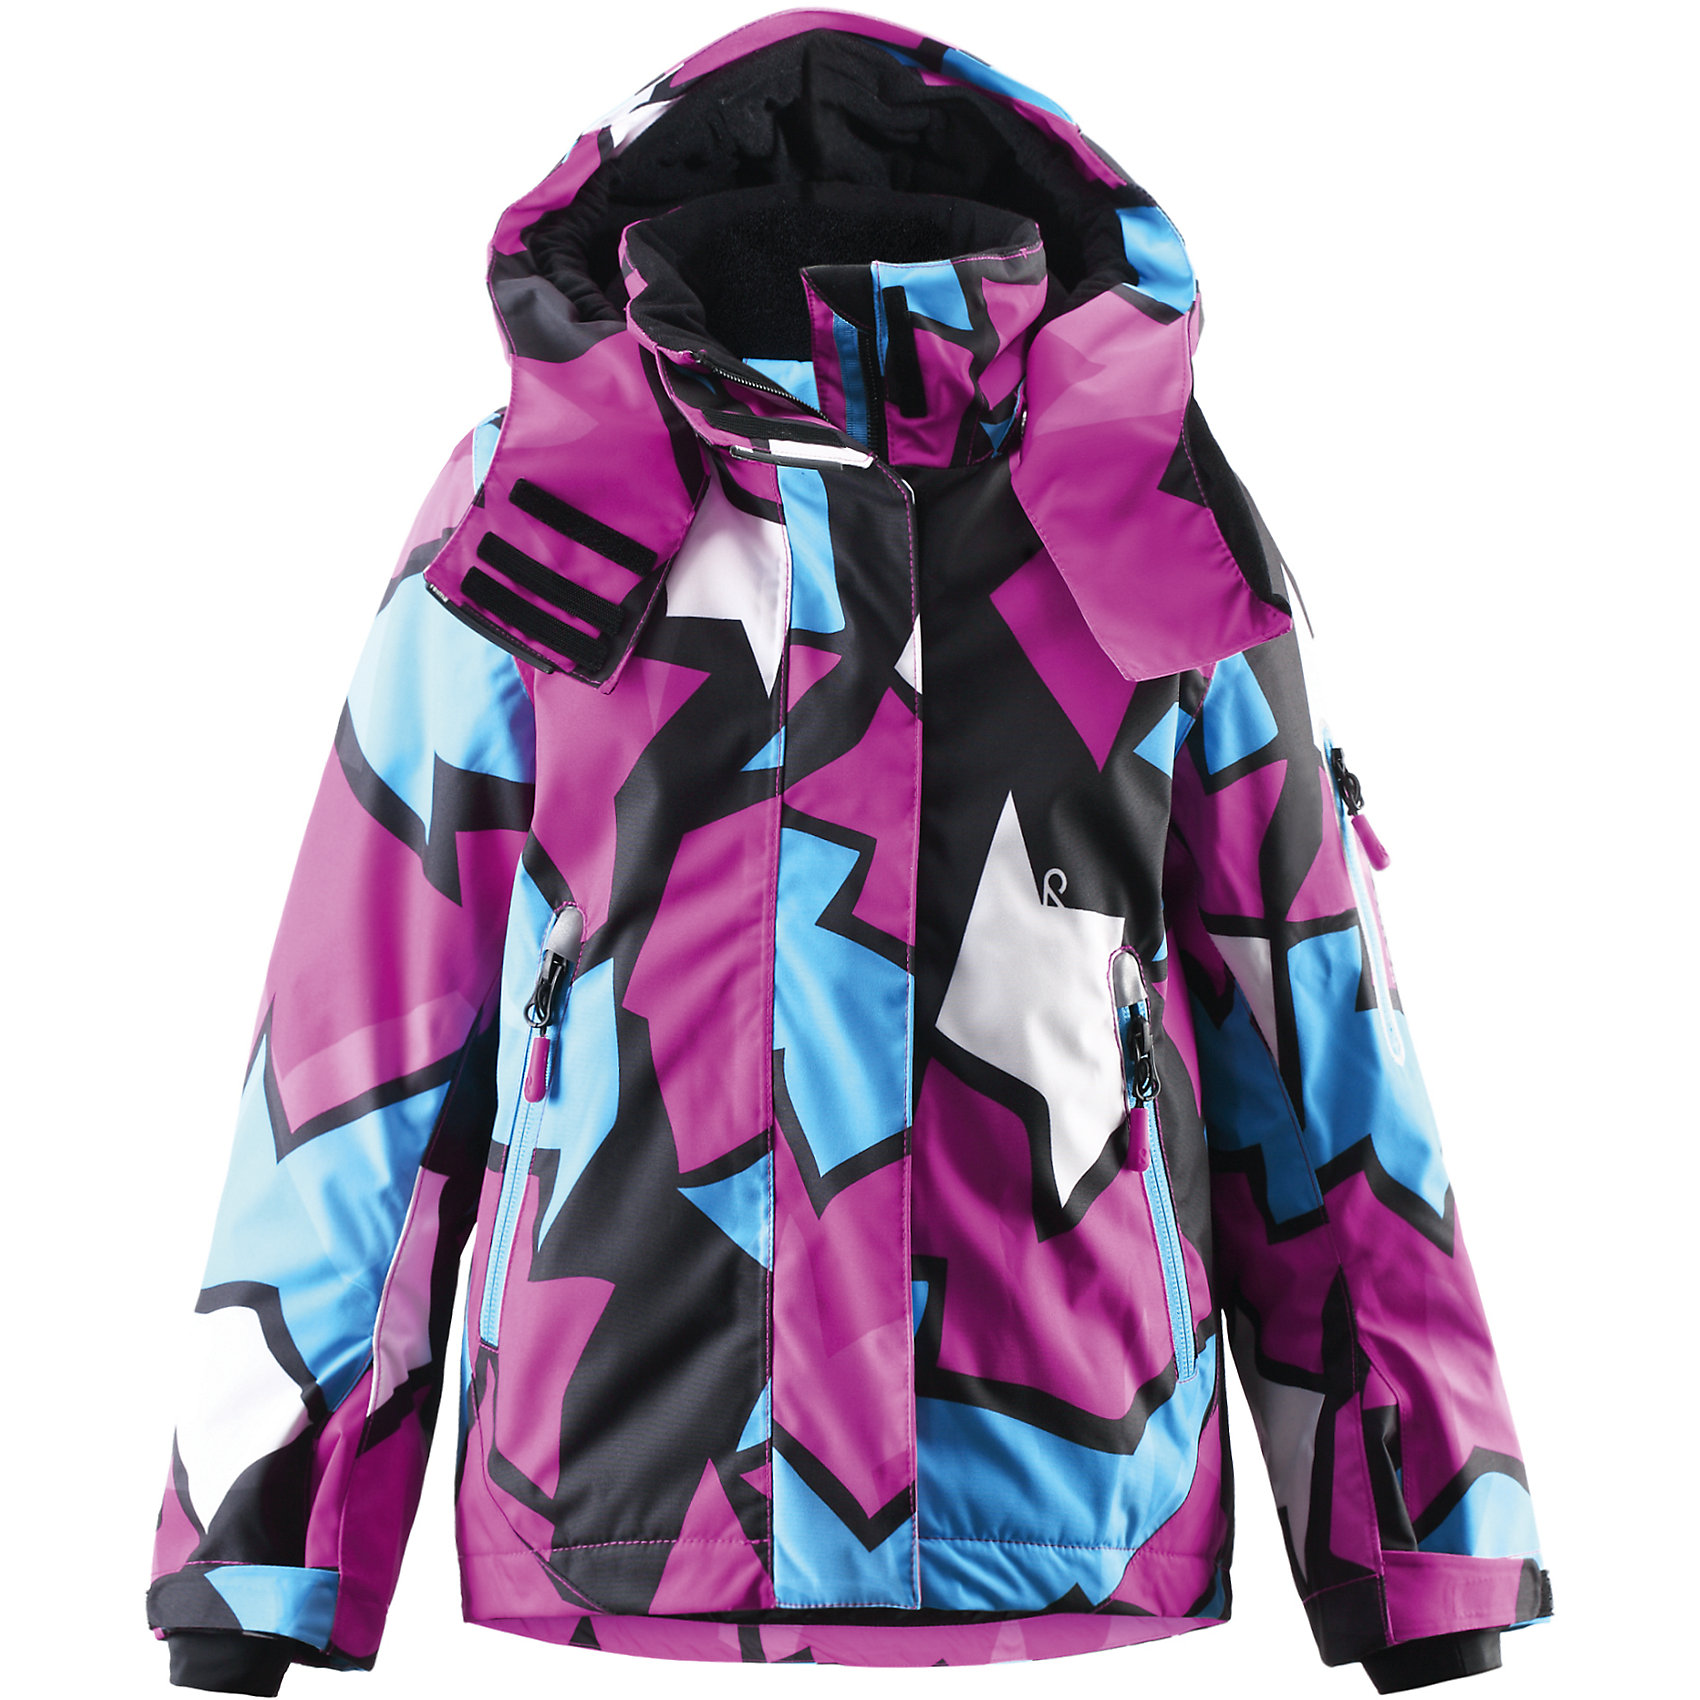 Куртка Roxana для девочки Reimatec® ReimaКуртка для девочки Reimatec® Reima<br>Зимняя куртка для детей. Все швы проклеены и водонепроницаемы. Водо- и ветронепроницаемый «дышащий» материал. Крой для девочек. Гладкая подкладка из полиэстра. Безопасный, отстегивающийся и регулируемый капюшон. Регулируемые манжеты и внутренние манжеты из лайкры. Регулируемый подол, снегозащитный манжет на талии. Новая усовершенствованная молния — больше не застревает! Карман для очков и внутренний нагрудный карман. Карманы на молнии. Карман на рукаве с пластинчатым разъемом для датчика ReimaGO®. Принт по всей поверхности.<br>Утеплитель: Reima® Flex insulation,140 g<br>Уход:<br>Стирать по отдельности, вывернув наизнанку. Застегнуть молнии и липучки. Стирать моющим средством, не содержащим отбеливающие вещества. Полоскать без специального средства. Во избежание изменения цвета изделие необходимо вынуть из стиральной машинки незамедлительно после окончания программы стирки. Можно сушить в сушильном шкафу или центрифуге (макс. 40° C).<br>Состав:<br>100% Полиамид, полиуретановое покрытие<br><br>Ширина мм: 356<br>Глубина мм: 10<br>Высота мм: 245<br>Вес г: 519<br>Цвет: розовый<br>Возраст от месяцев: 24<br>Возраст до месяцев: 36<br>Пол: Женский<br>Возраст: Детский<br>Размер: 98,110,92,128,122,134,140,104,116<br>SKU: 4776480